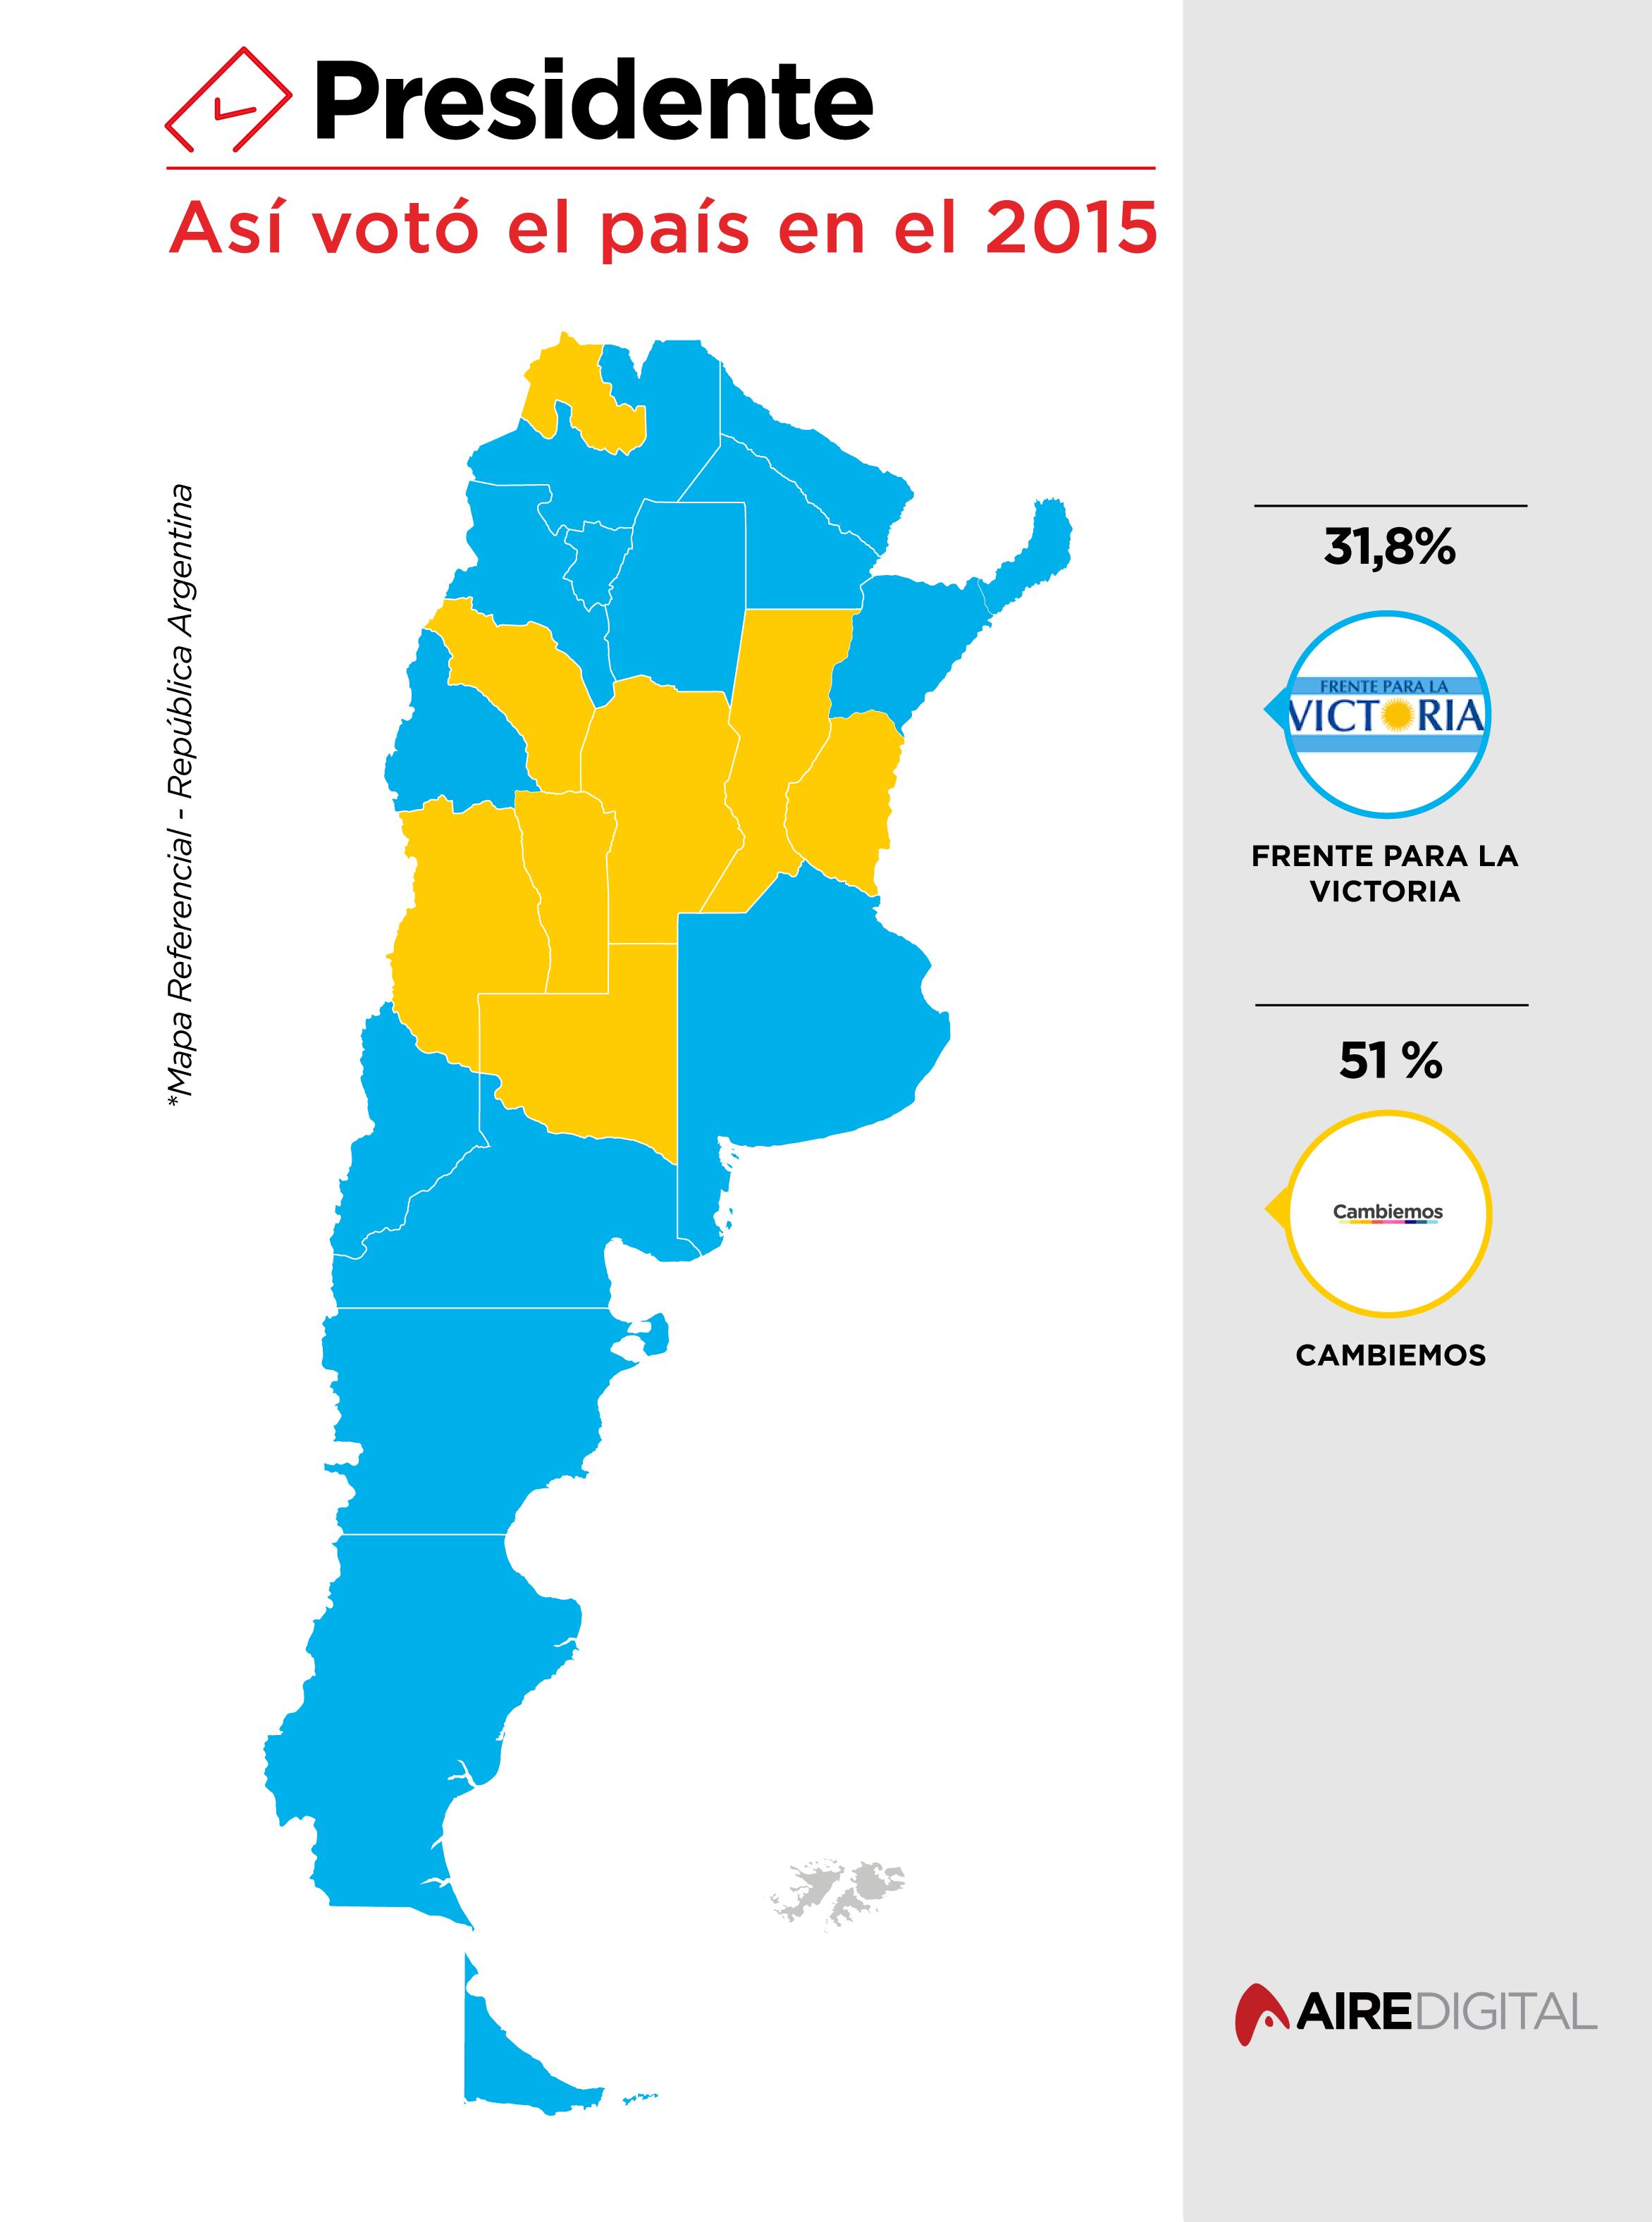 Cómo votó cada provincia en el balotaje 2015 y en las PASO 2019